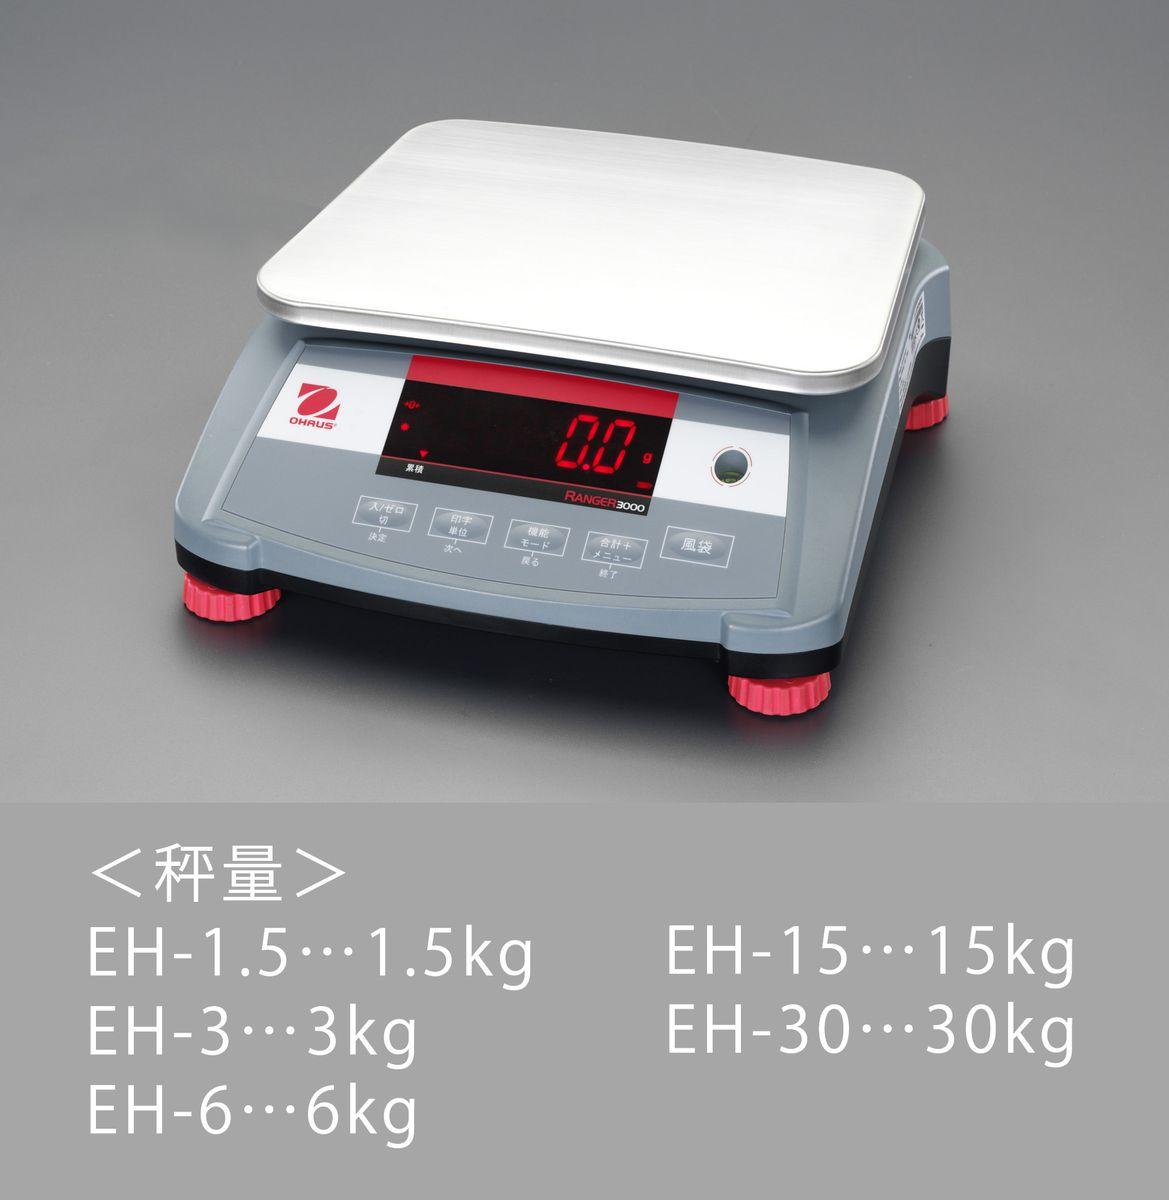 【メーカー在庫あり】 エスコ ESCO 30kg( 1.0g) 卓上型はかり 000012263714 HD店